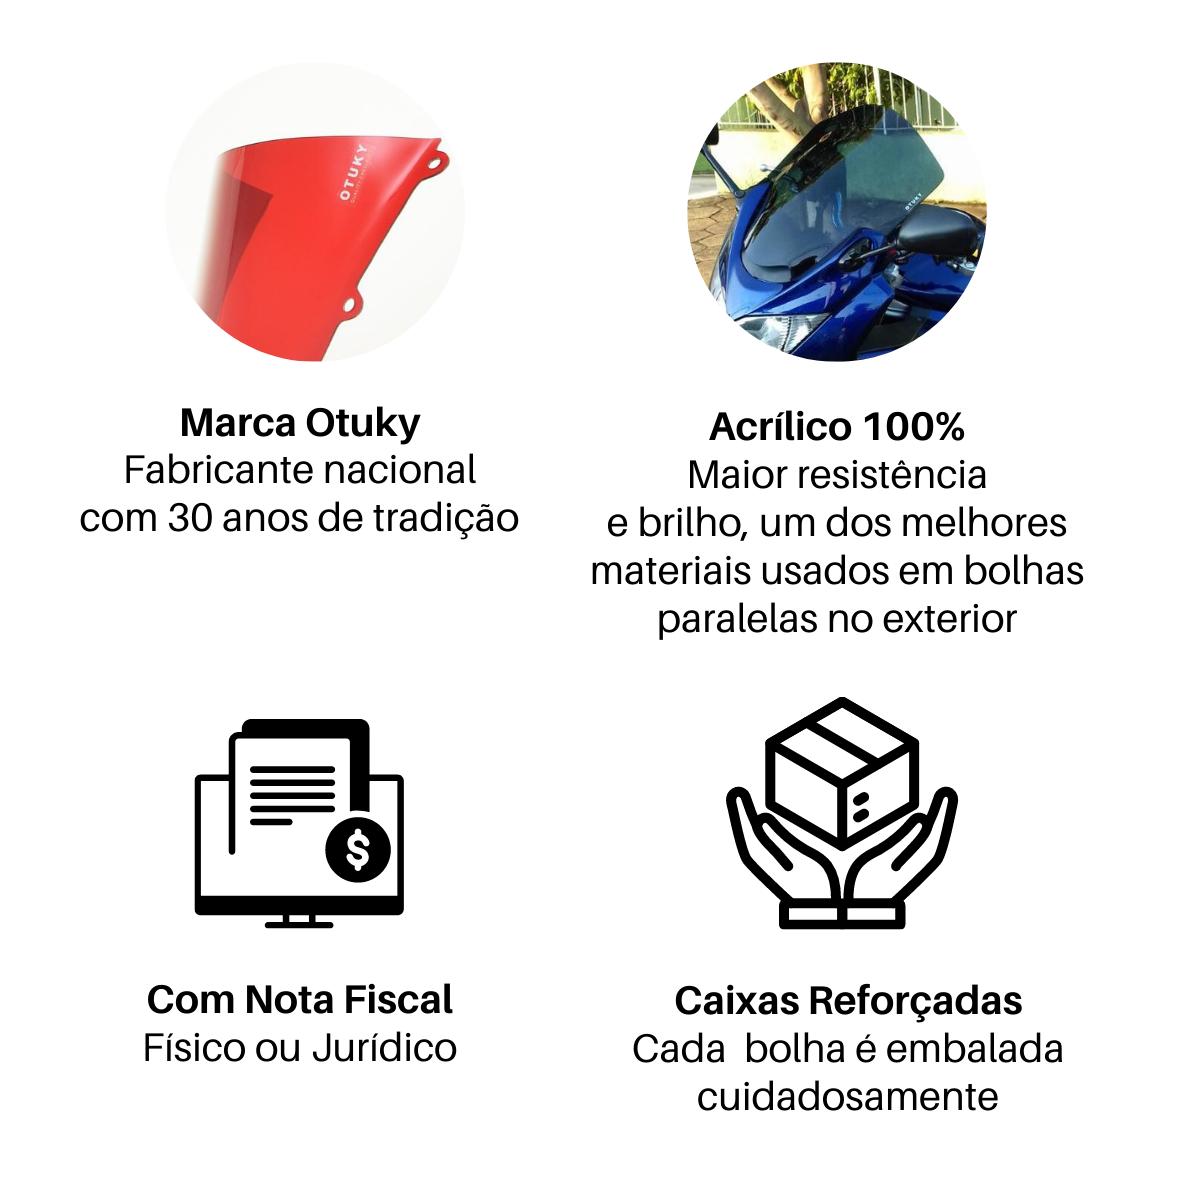 Bolha para Moto GSX 1300 R Hayabusa 2008 2009 2010 2011 2012 2013 2014 2015 2016 2017 2018 Otuky Cristal